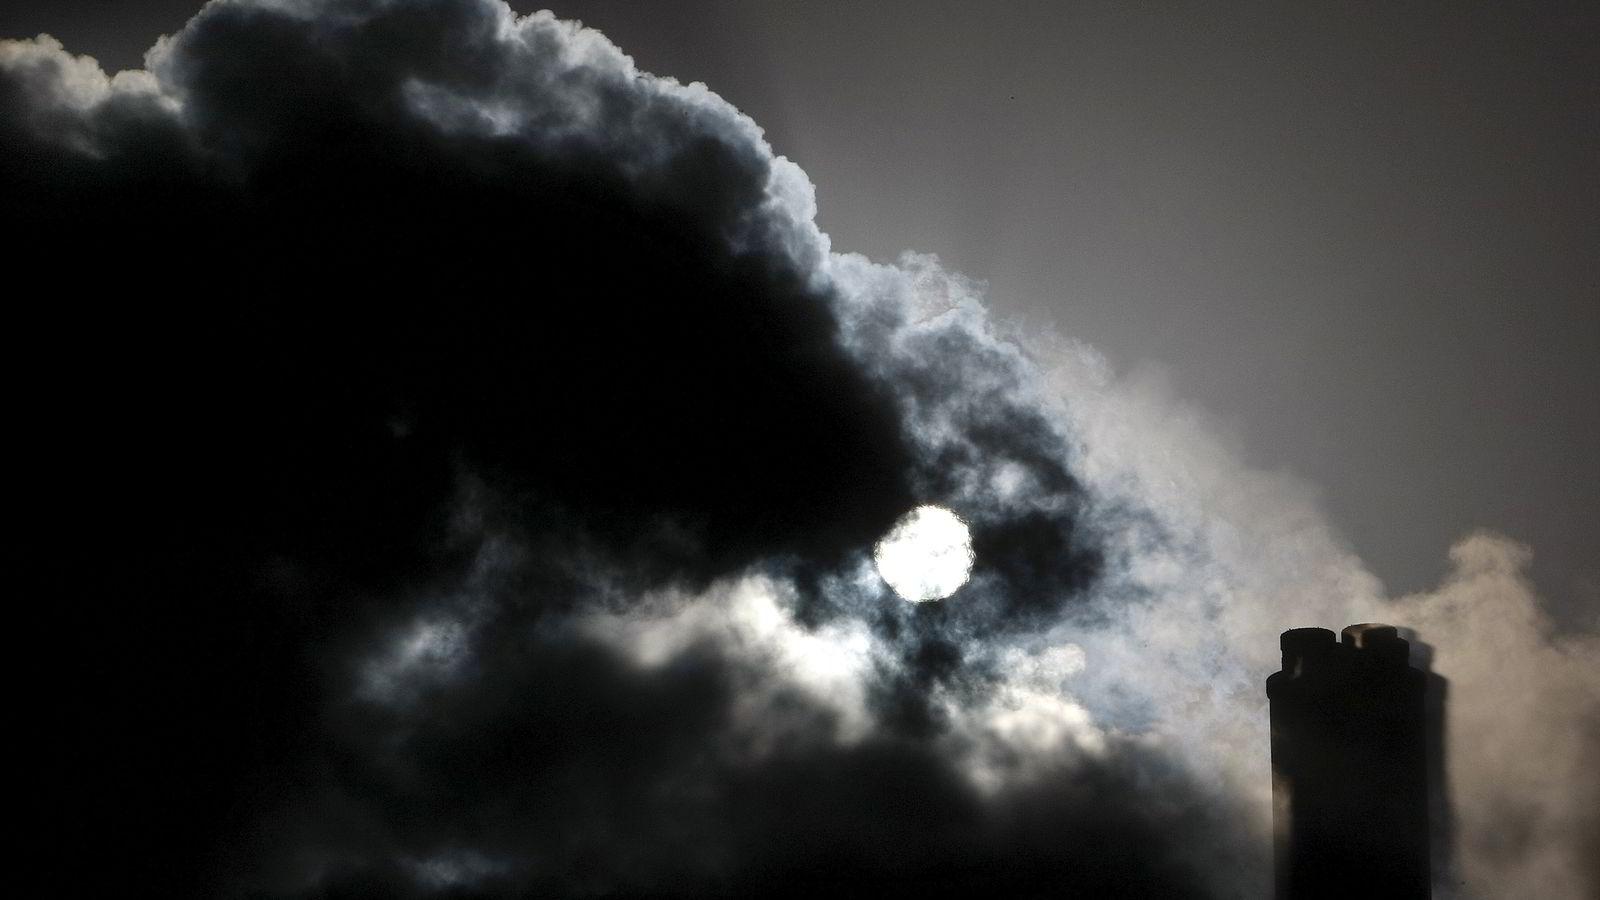 KLIMAUTFORDRING. Svart røyk velter ut fra et kullkraftverk i nærheten av Melbourne i Australia. Håpet er at verdens ledere skal bli enige om kraftige utslippskutt under klimatoppmøtet i Paris, men FN har ennå ikke greid å få inn nok penger fra medlemslandene til å arrangere konferansen. Foto: Mick Tsikas / Reuters / NTB scanpix